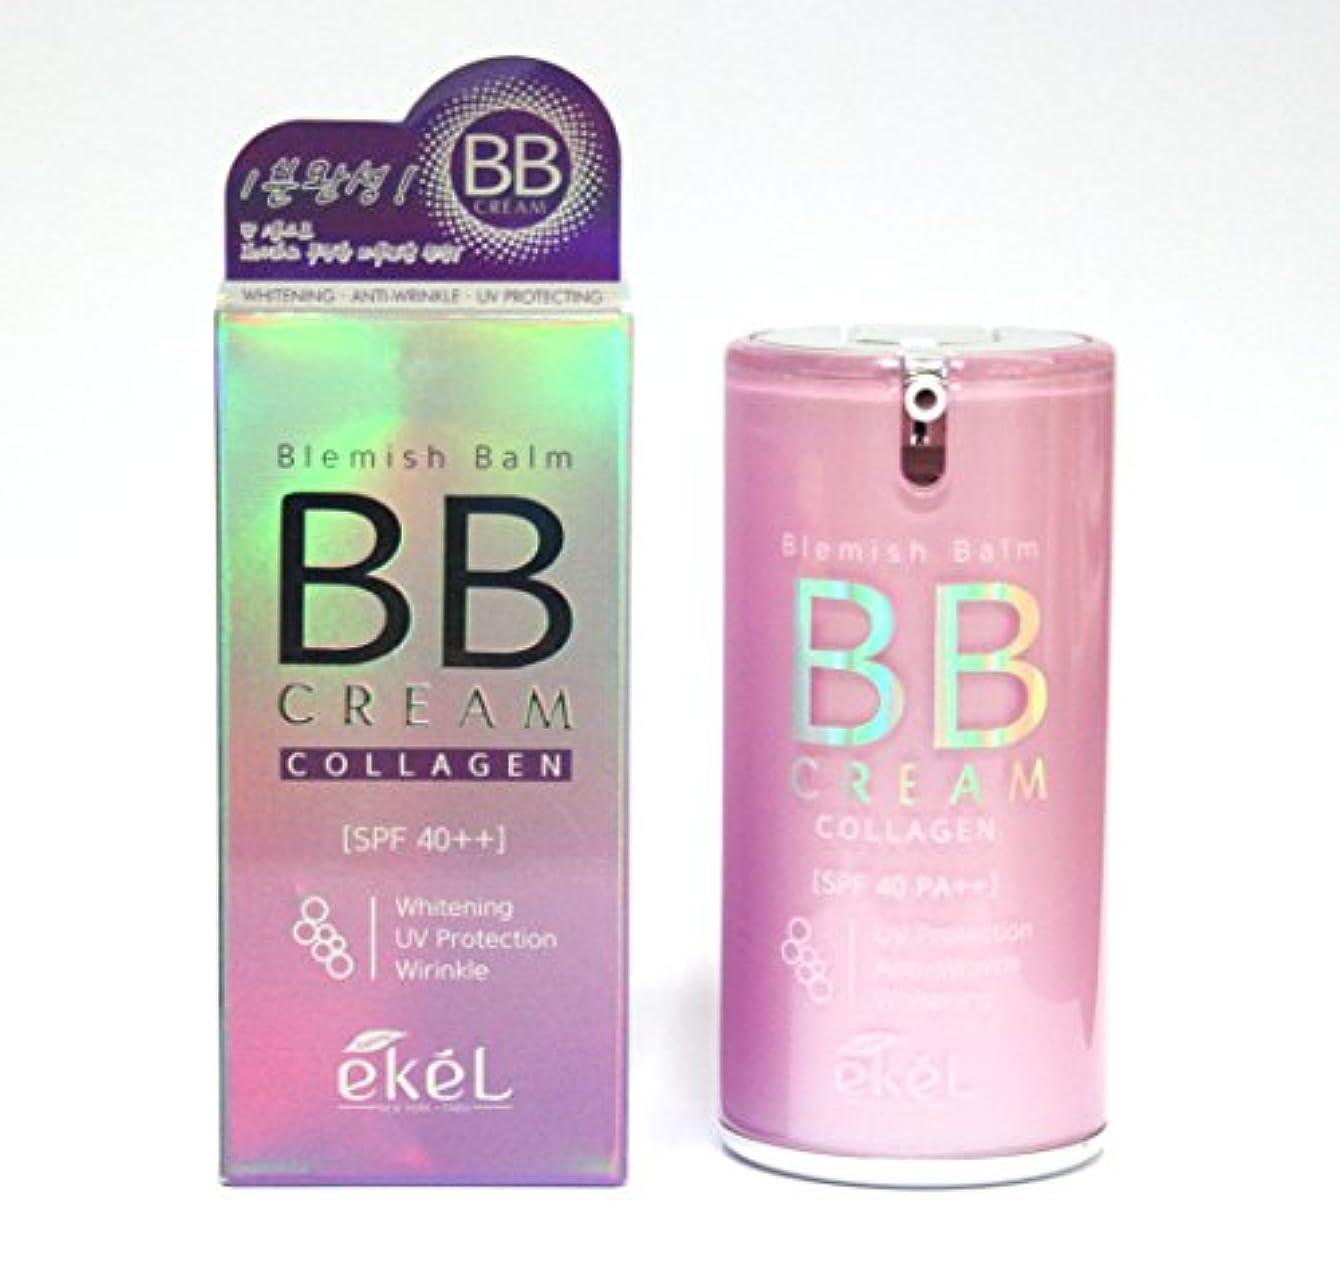 王位短命グラム[EKEL] ブレミッシュバームコラーゲンBBクリーム50g / Blemish Balm Collagen BB Cream 50g /ホワイトニング、UV保護、しわ / whitening, uv protection...